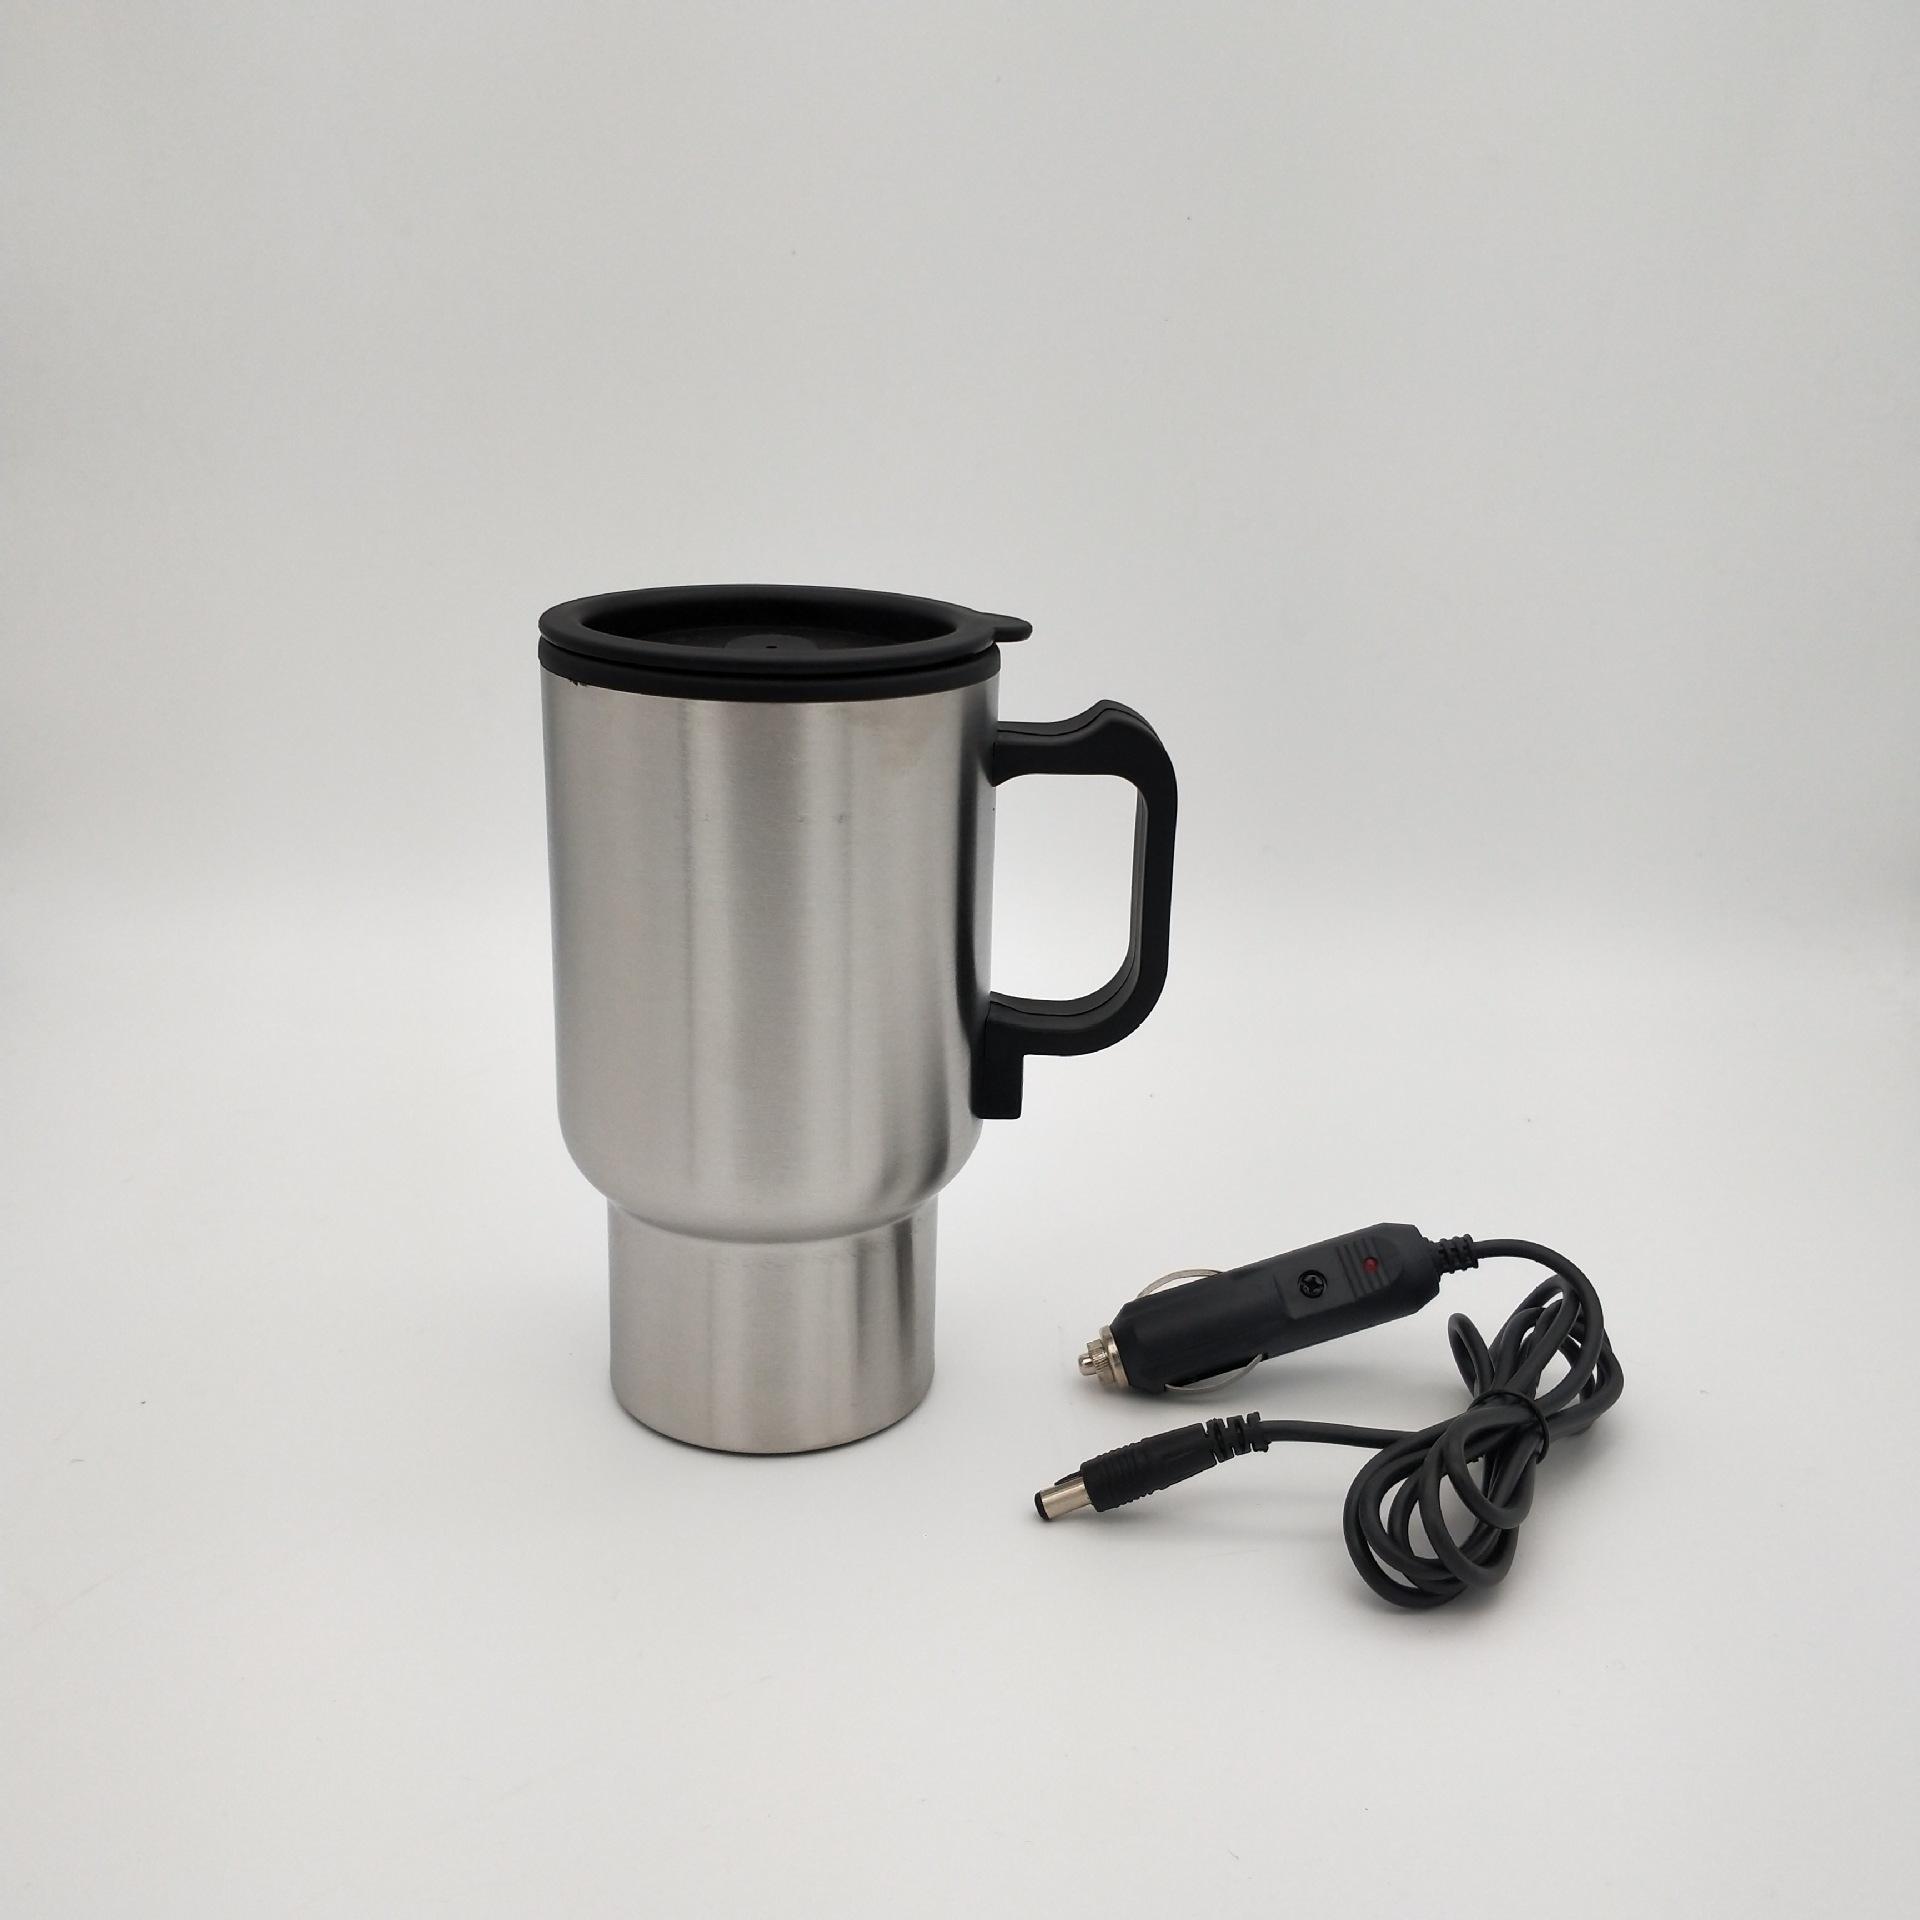 插电汽车杯电热水杯12V车用保温杯不锈钢电热烧水杯旅行车载加热杯子